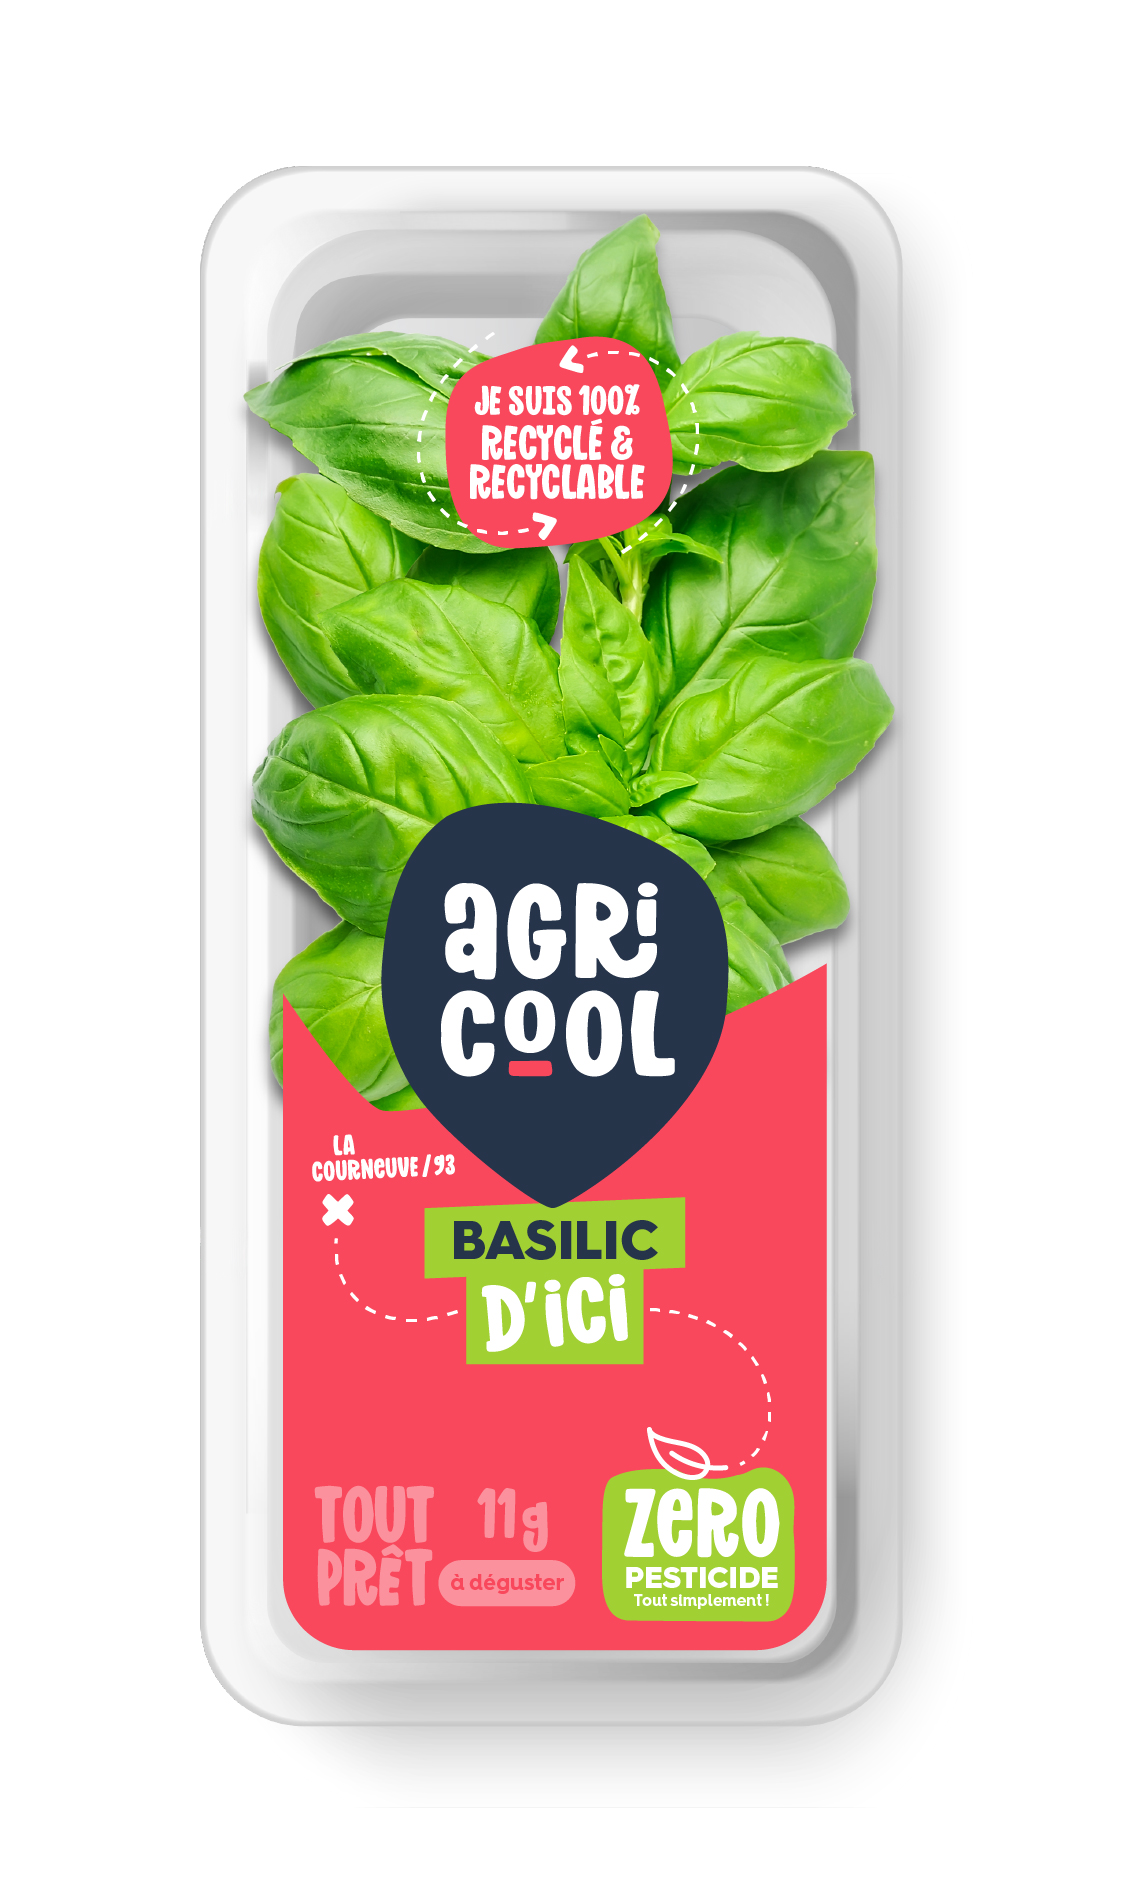 agricool02 - Agricool accélère sur l'ultra local